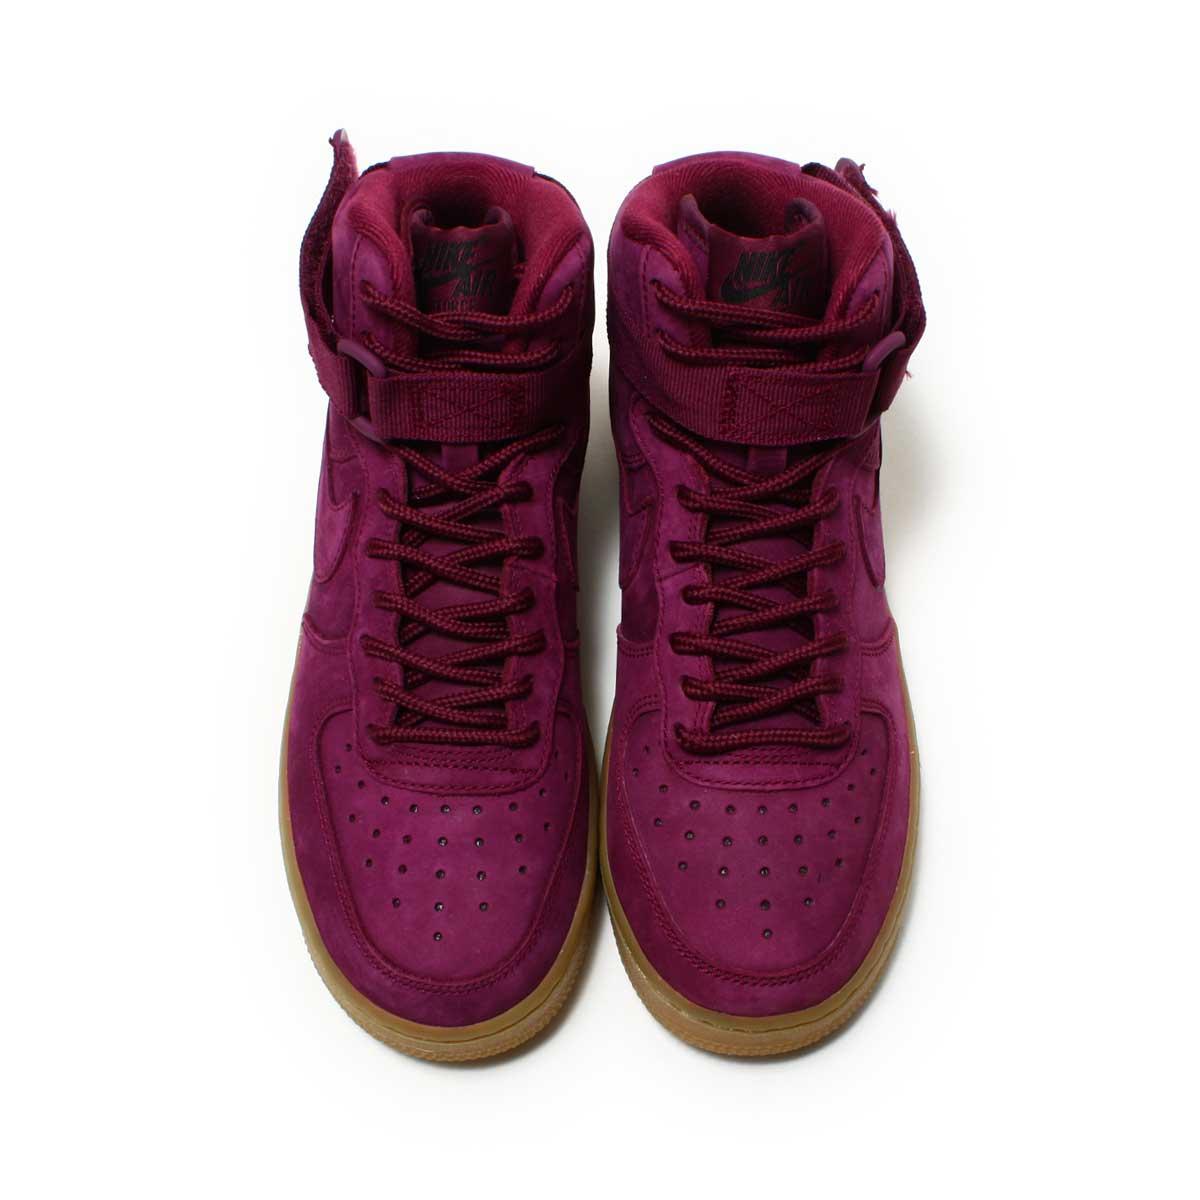 nouveau produit 7b6f3 97bbb Nike Air Force 1 High Bordeaux Coming Soon • KicksOnFire.com